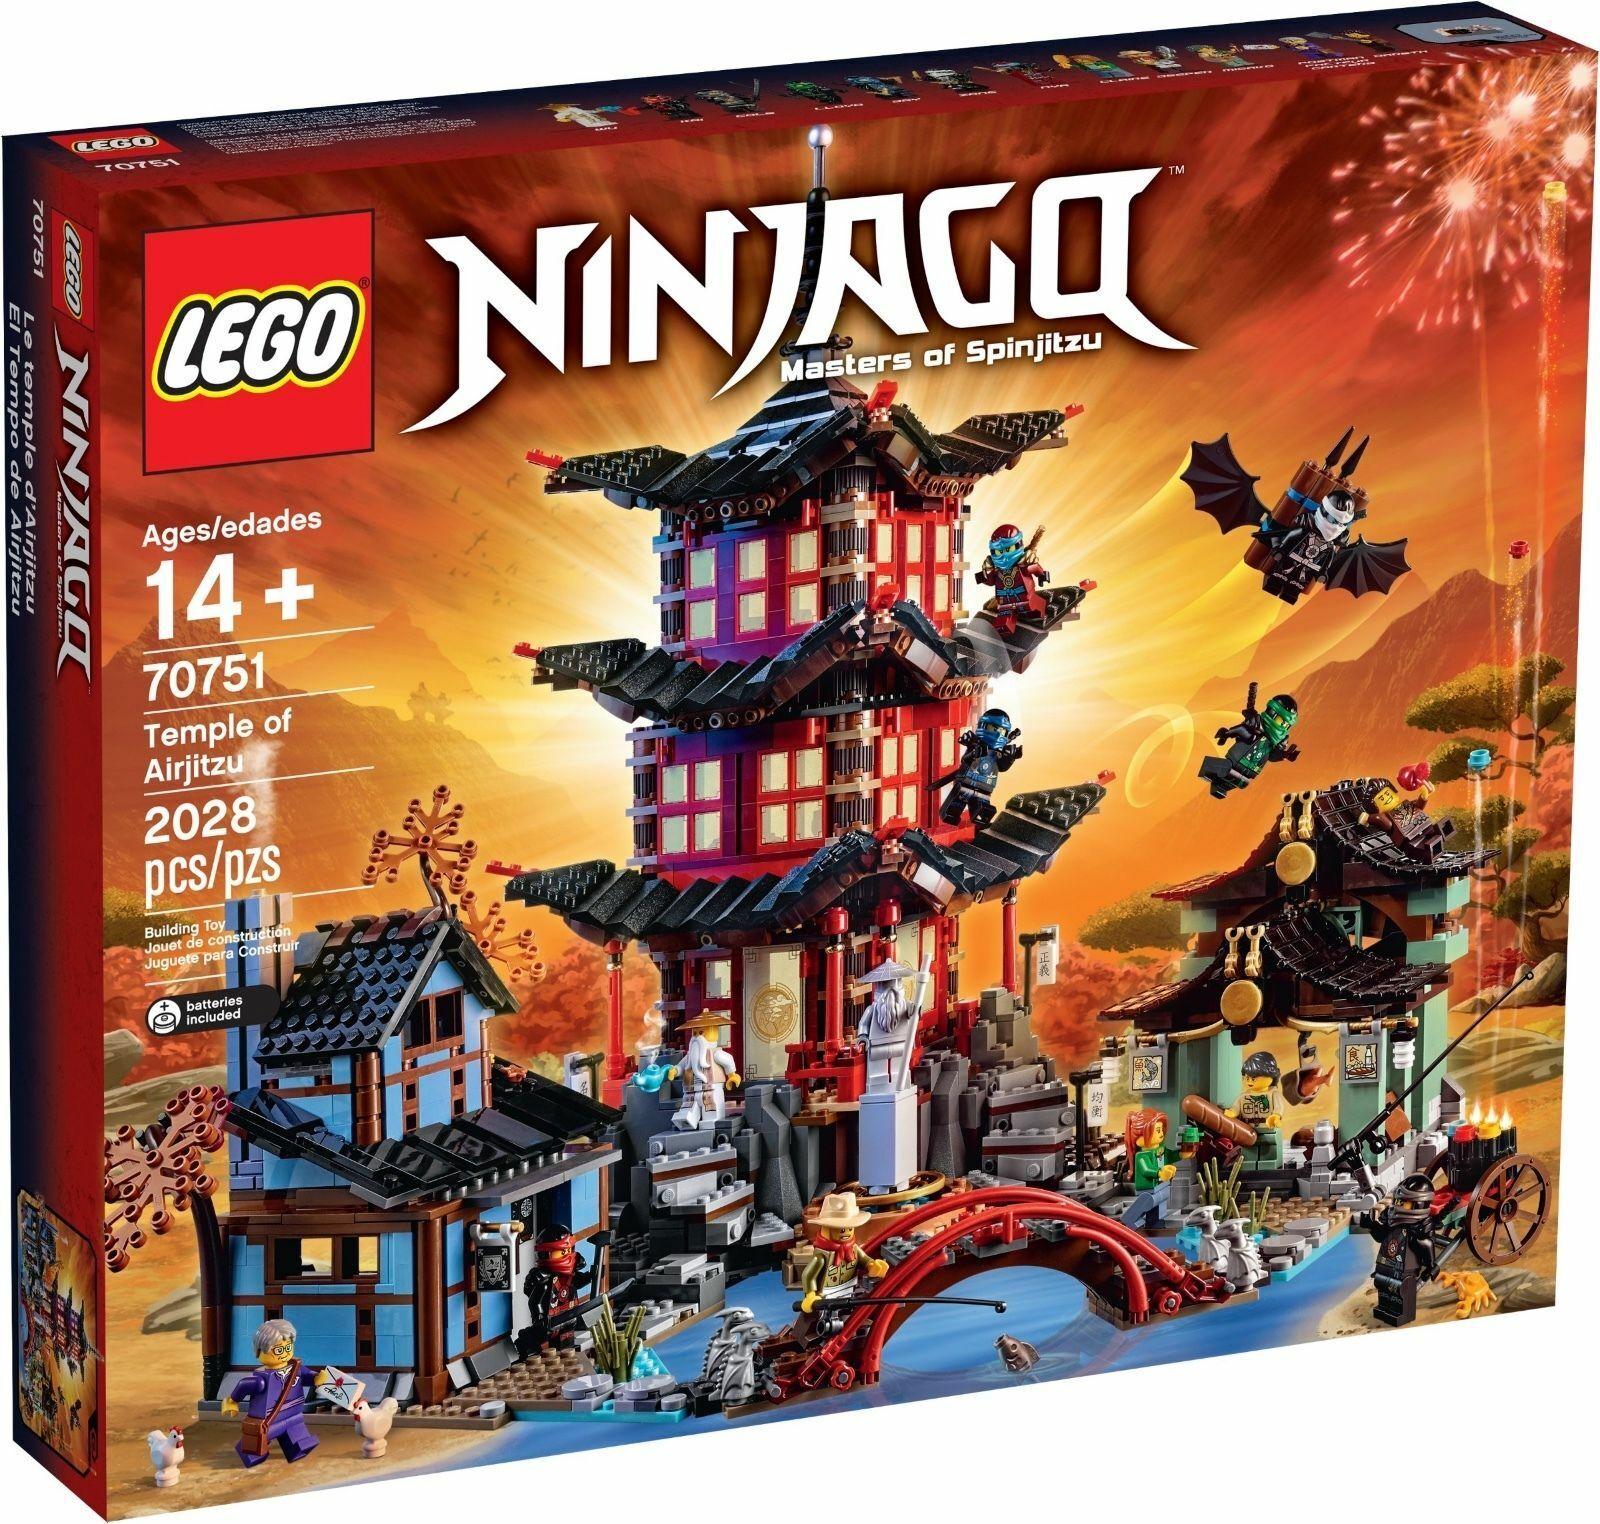 Lego ® Ninjago ® 70751 Temple of airjitzu nuevo nuevo nuevo embalaje original New misb NRFB  almacén al por mayor